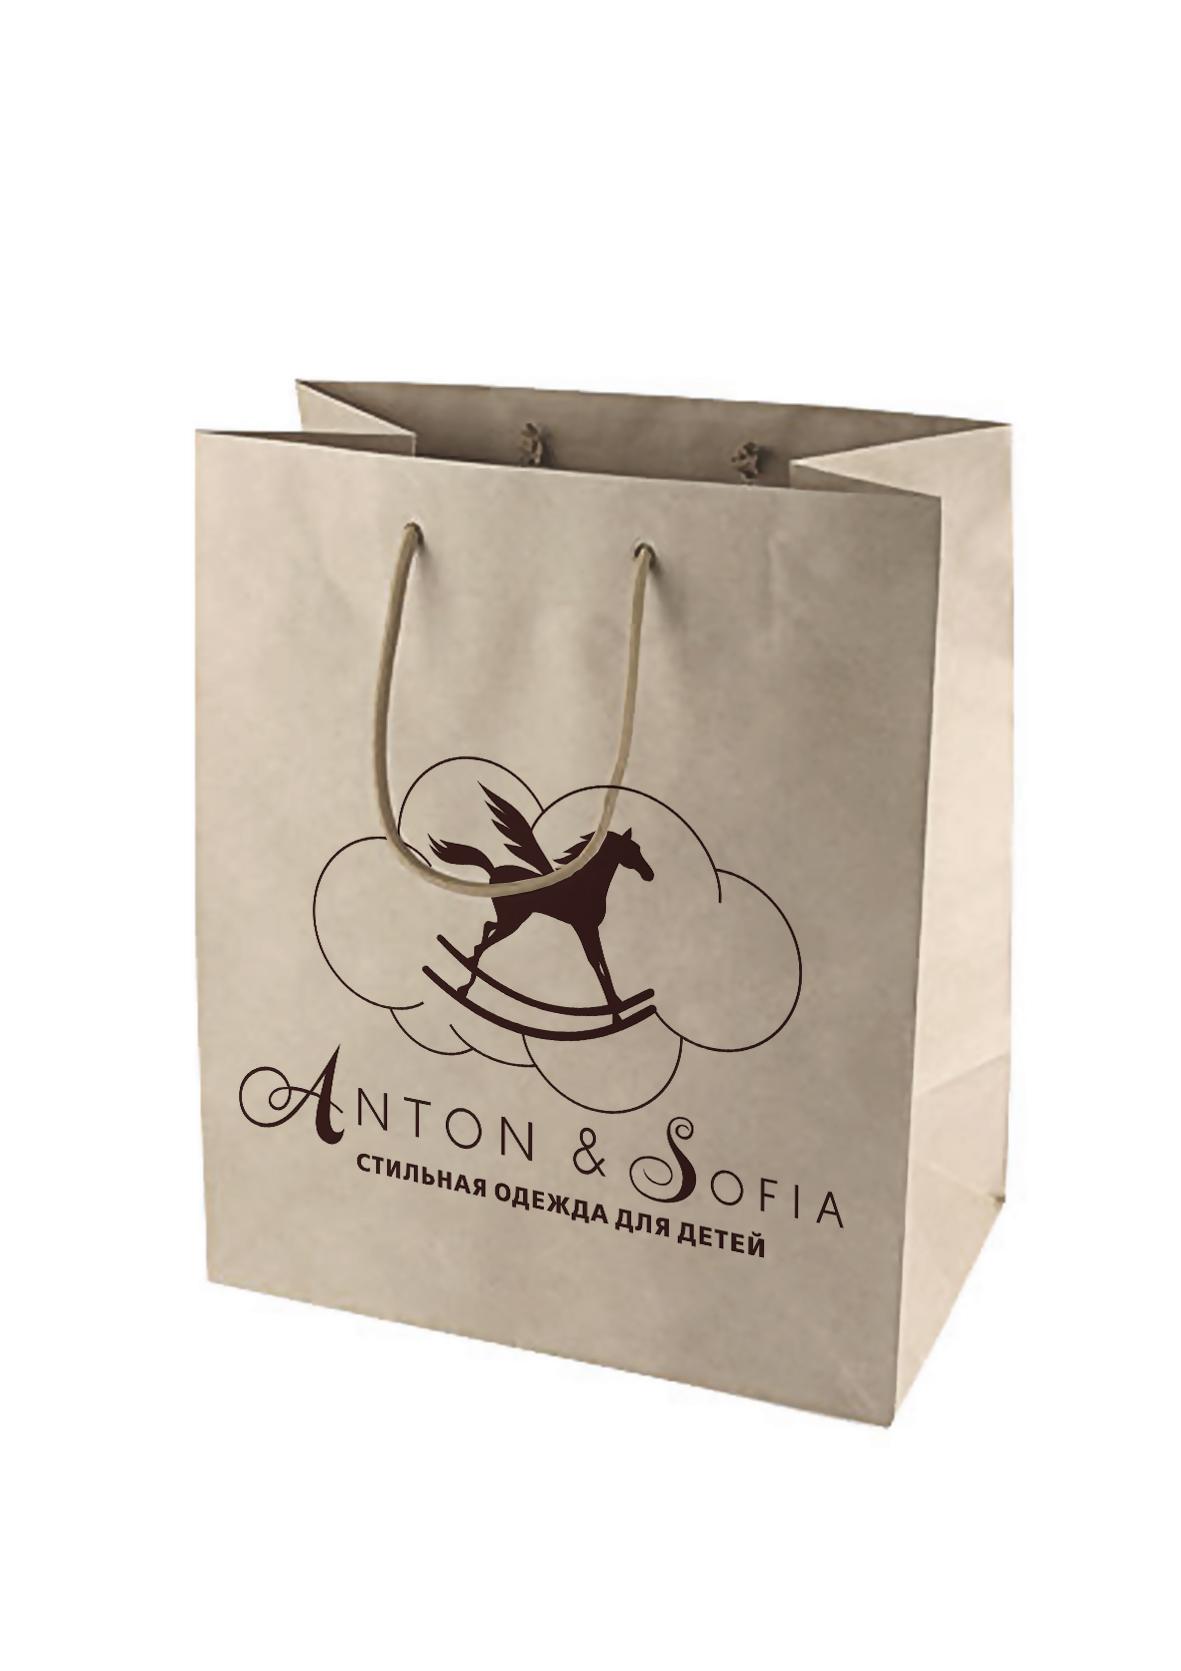 Логотип и вывеска для магазина детской одежды фото f_4c836b4124888.jpg